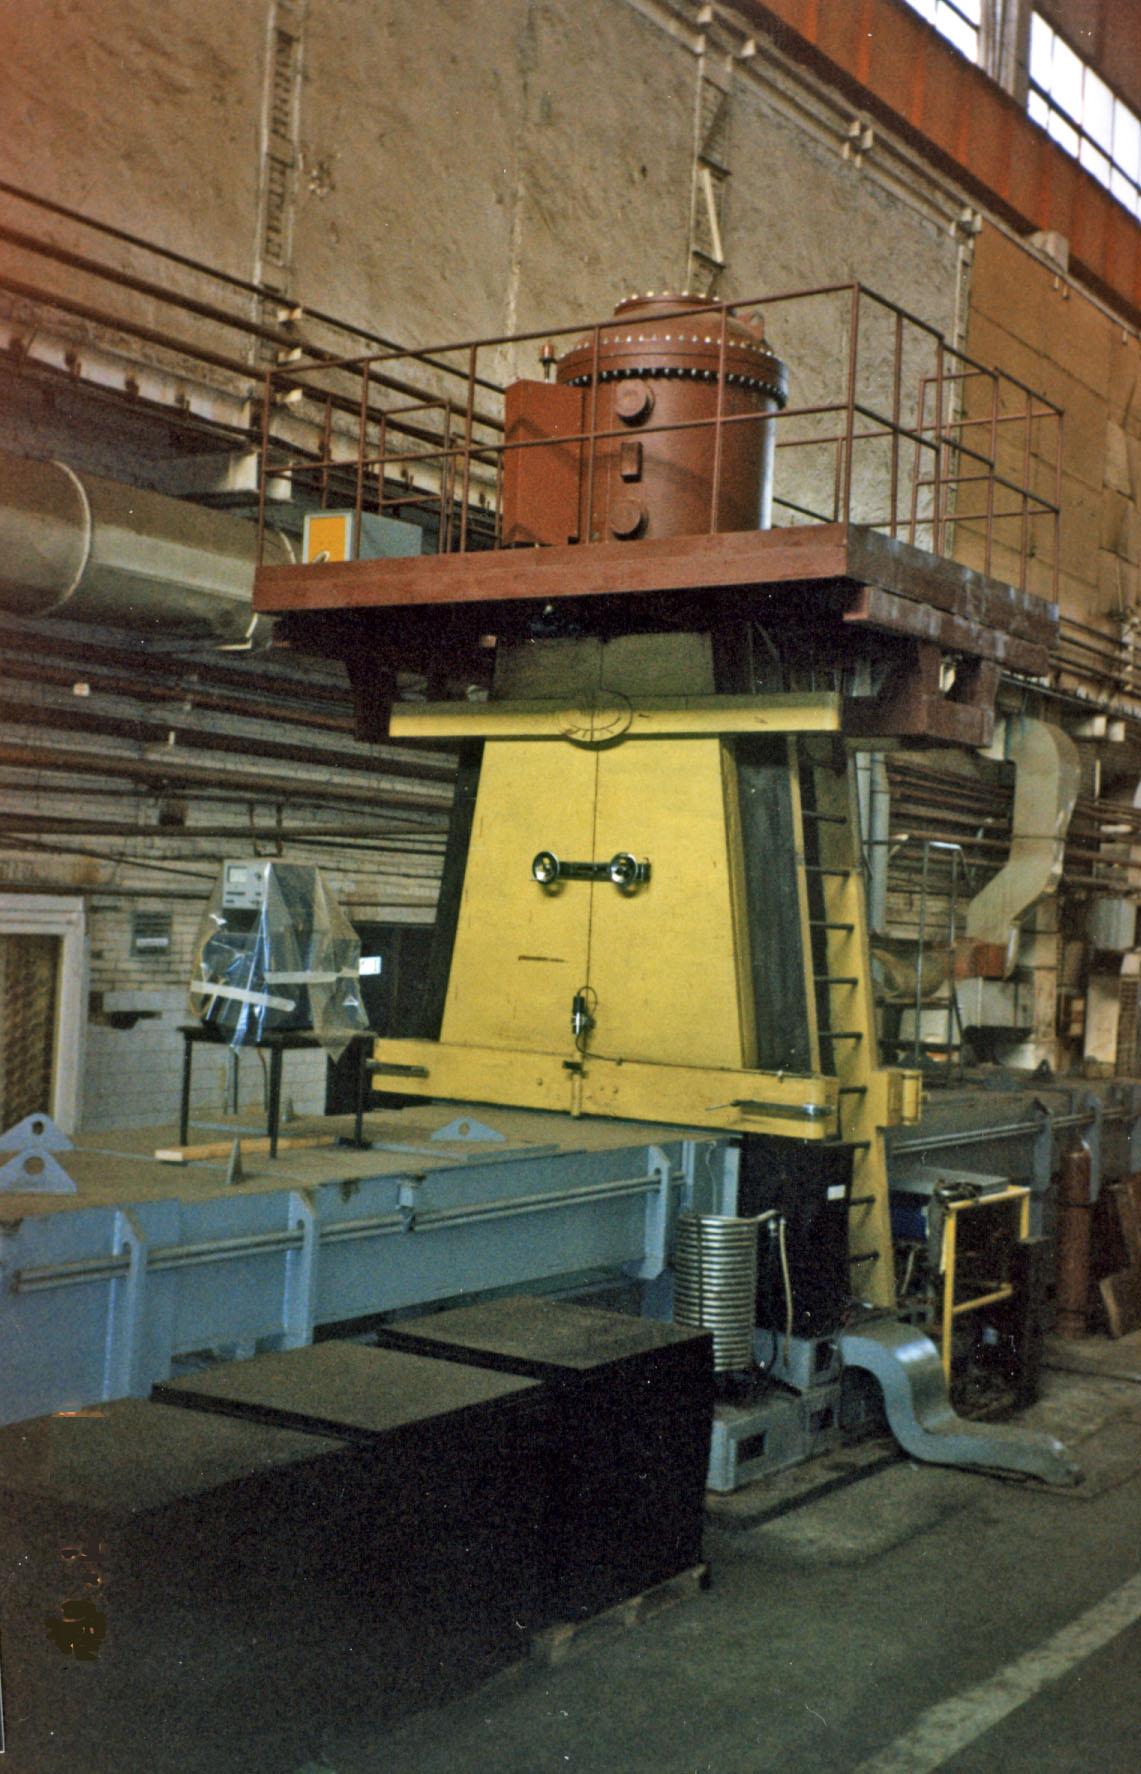 Ускоритель «Электрон-3М-2» в установке обработки покрытий на судостроительном заводе